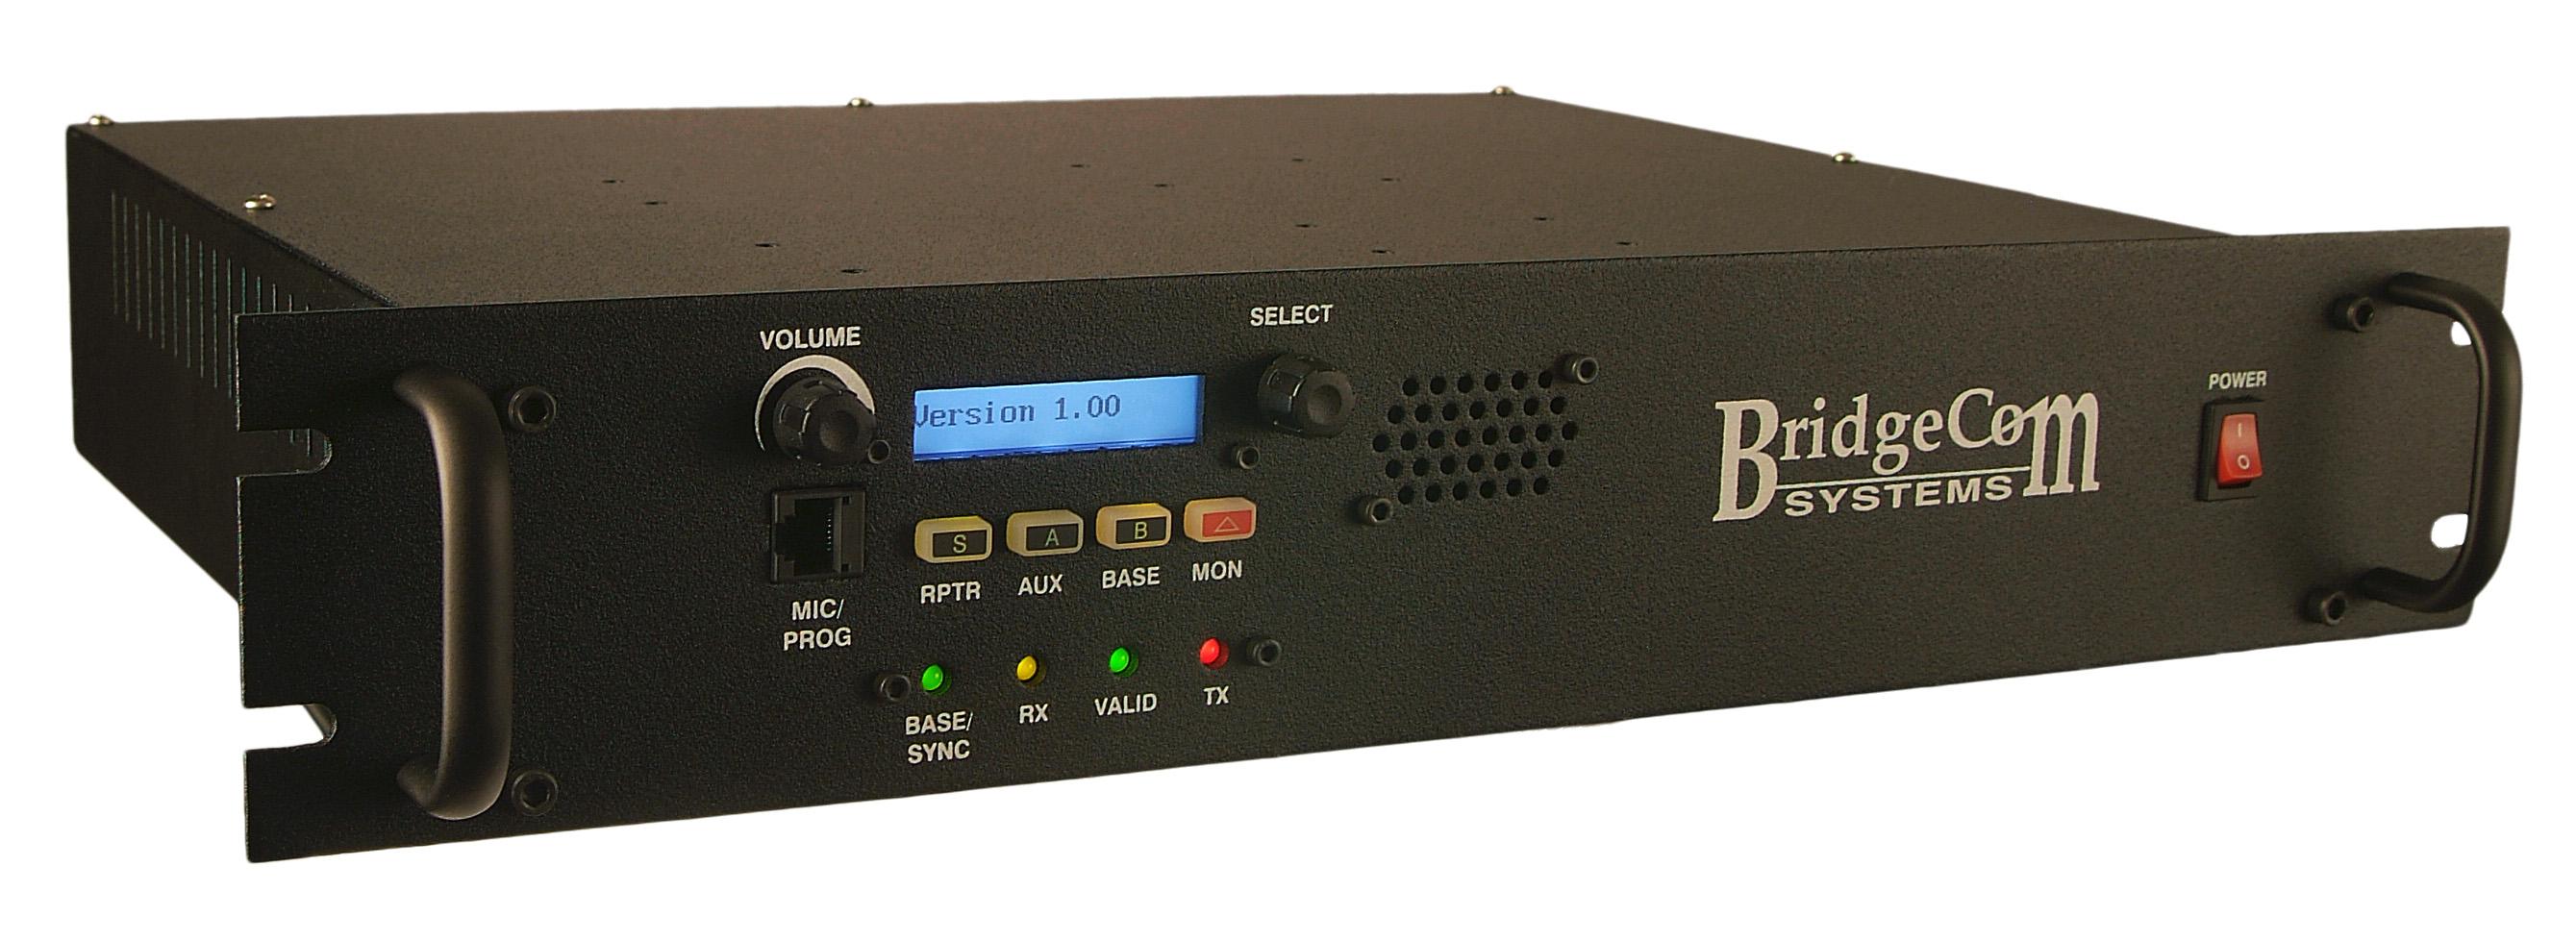 Radio Repeater